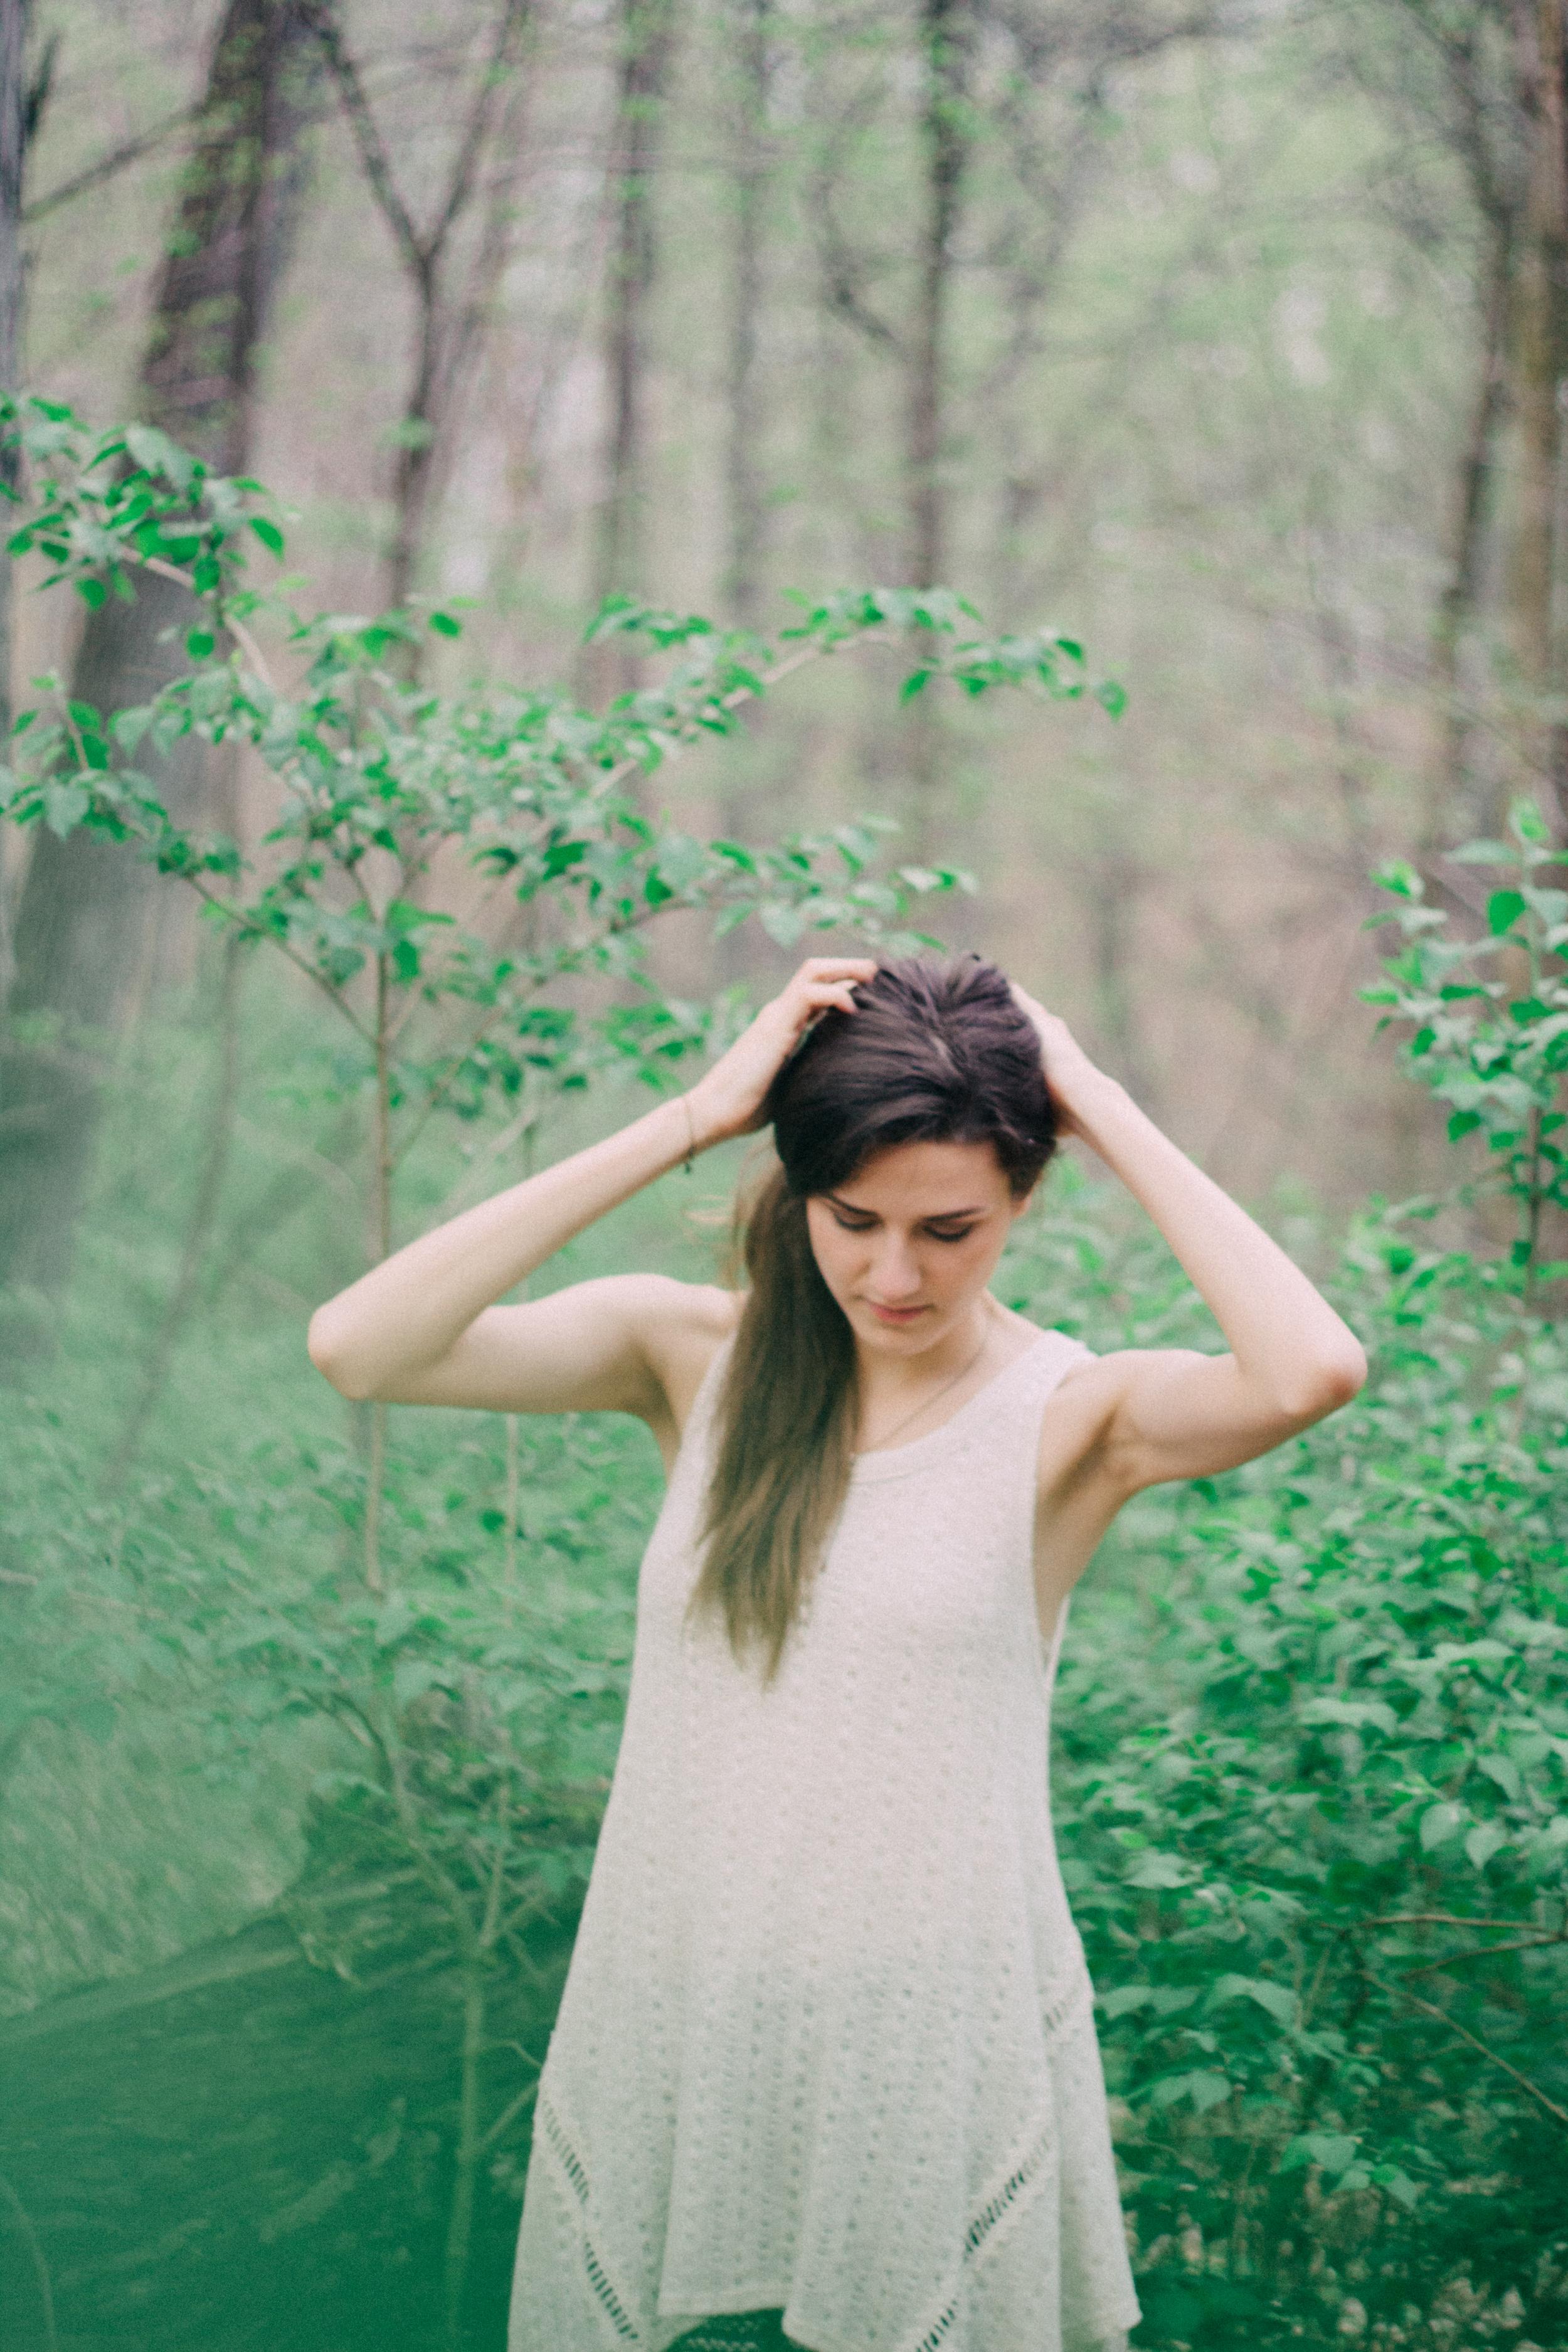 KALINA_FOREST-56.jpg